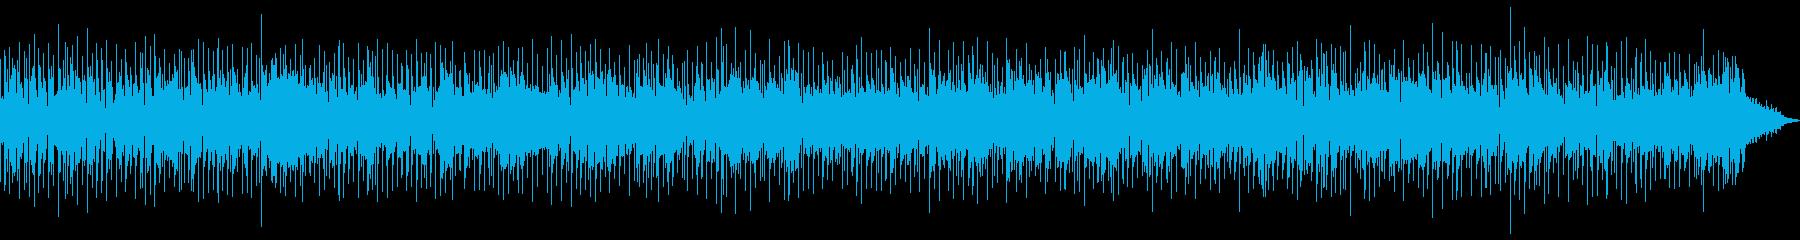 カントリー・ロックの再生済みの波形